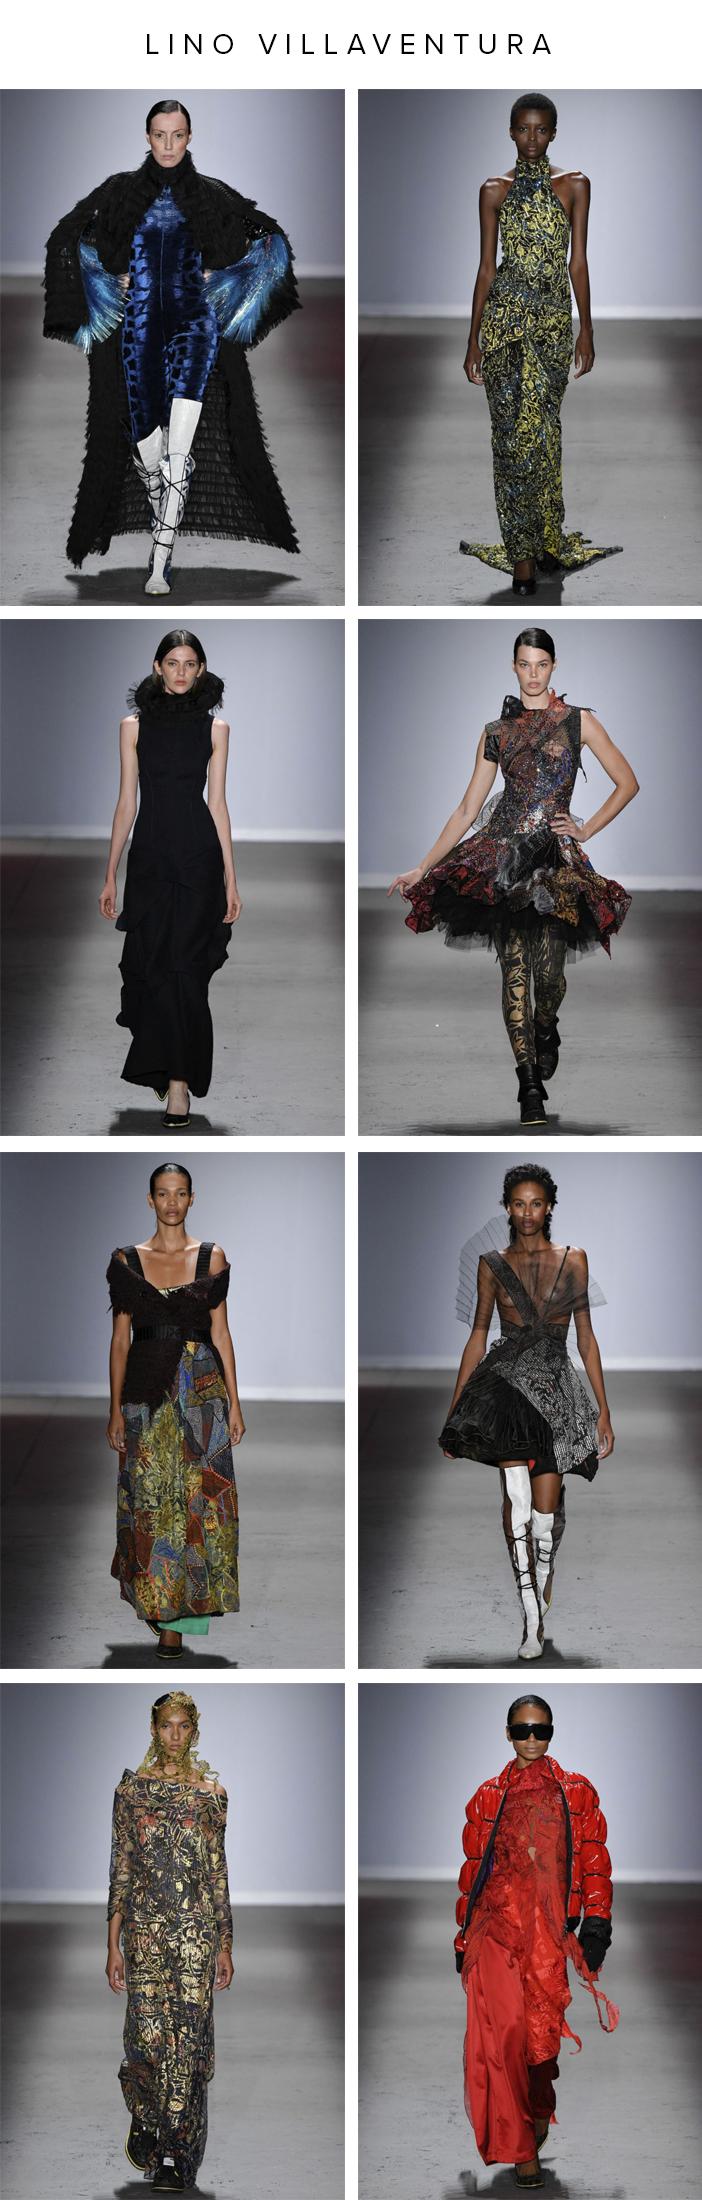 São Paulo Fashion Week - n47 - Parte 2 - Lino Villaventura